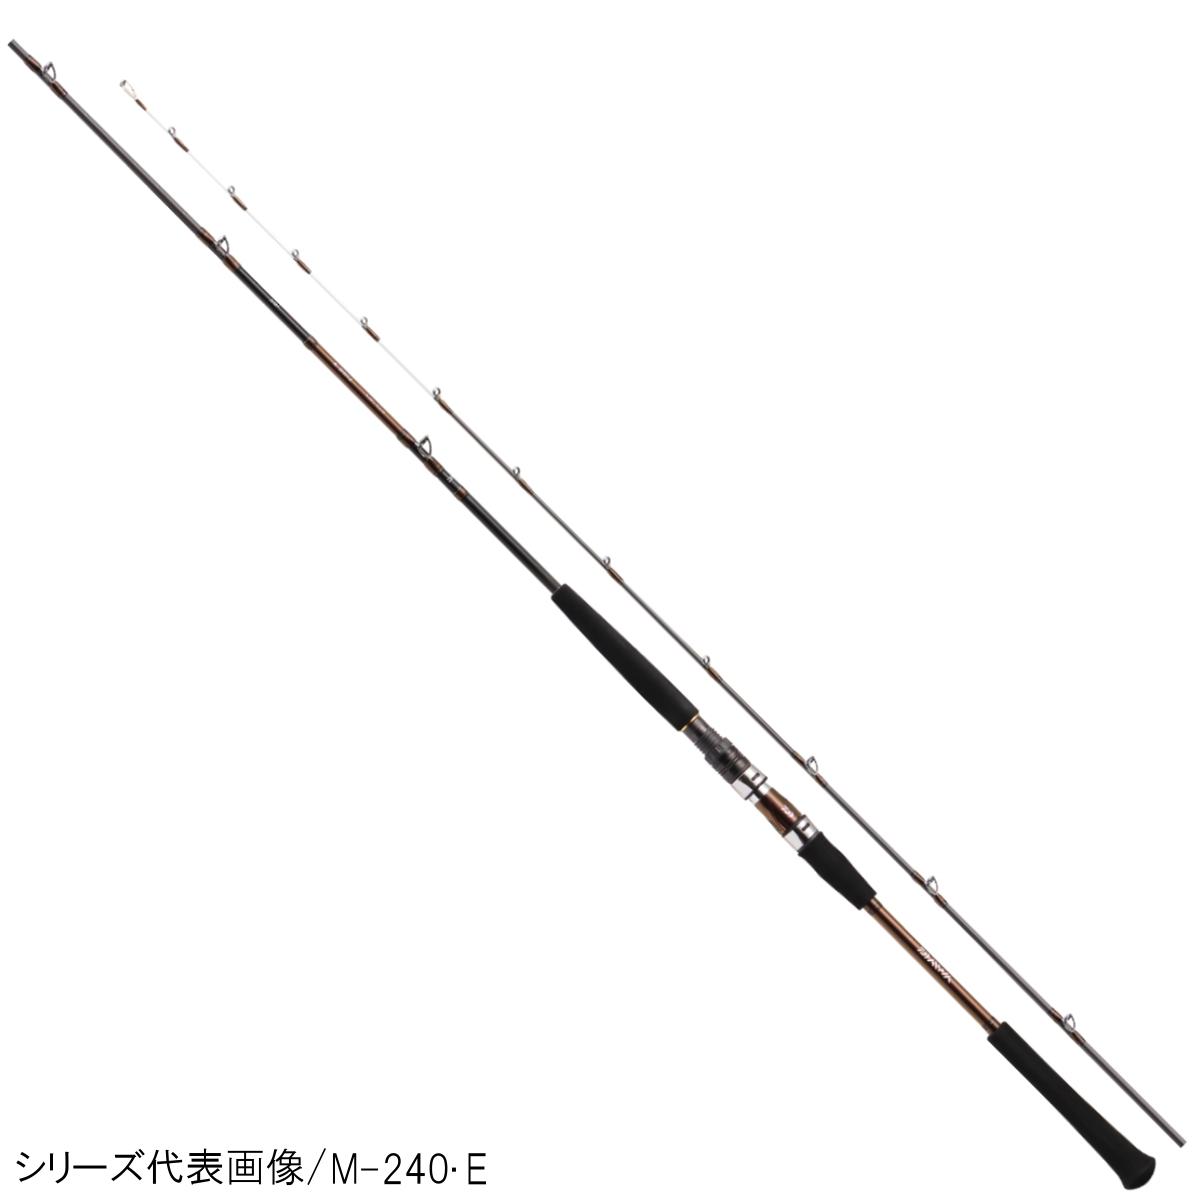 ダイワ A-ブリッツ ネライ H-240・E【大型商品】